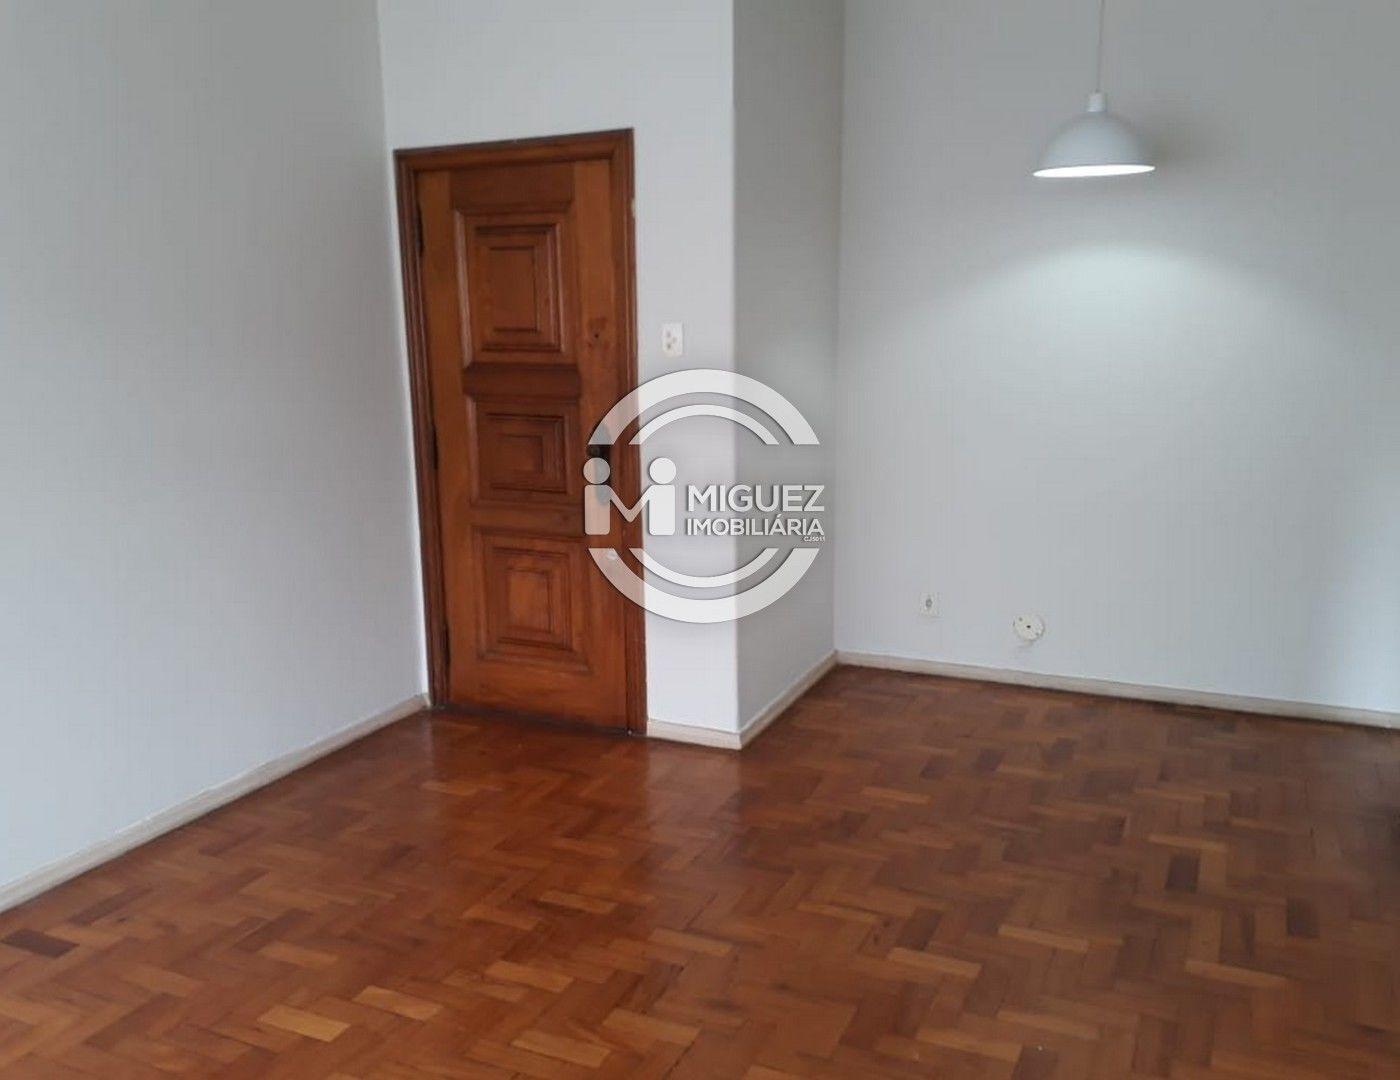 Apartamento, aluguel, Rua Barão de Itapagipe - Tijuca , Rio de janeiro